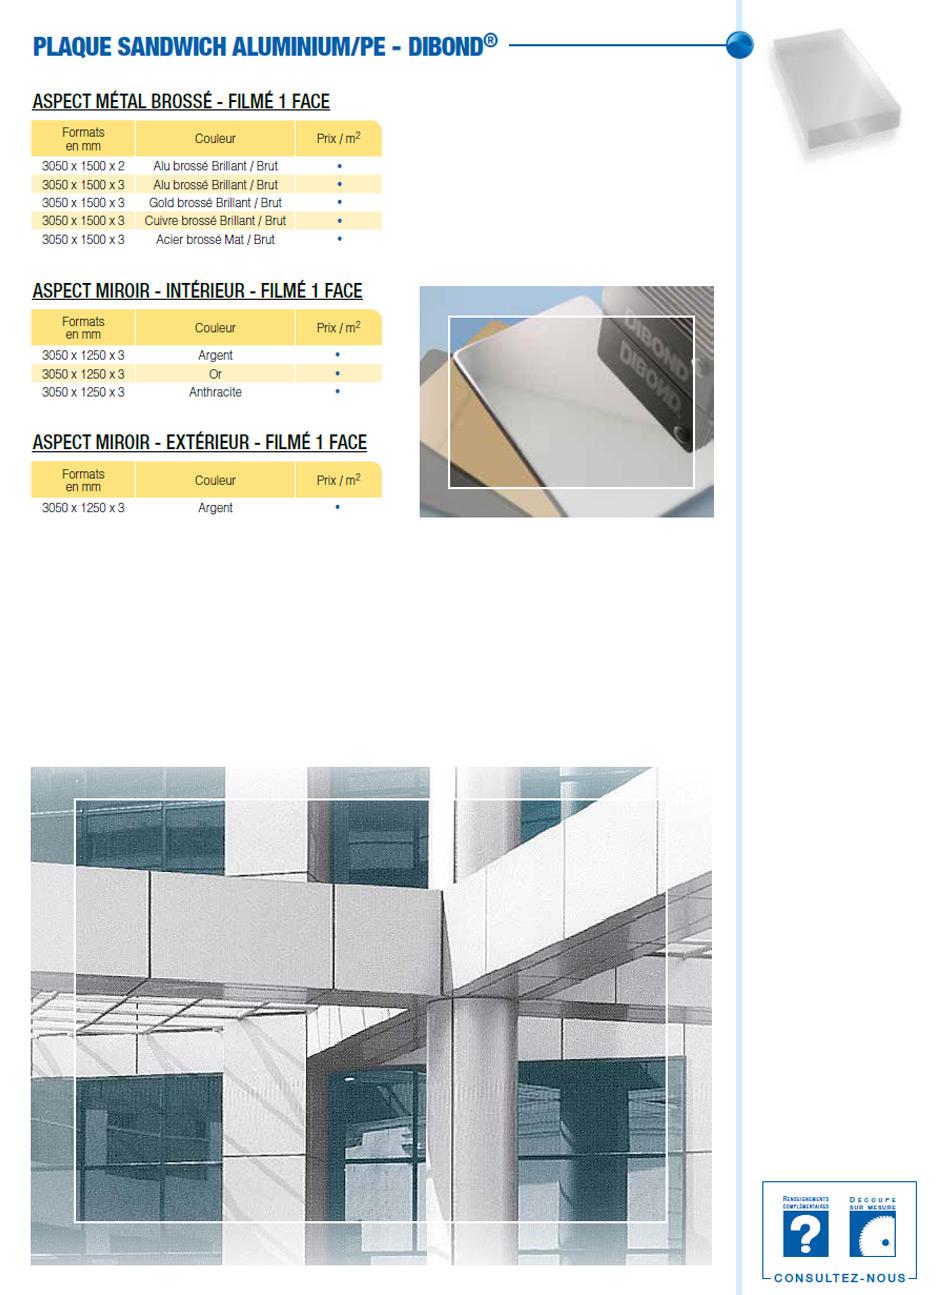 Plaque sandwich aluminium/PE-Dibond métal et miroir